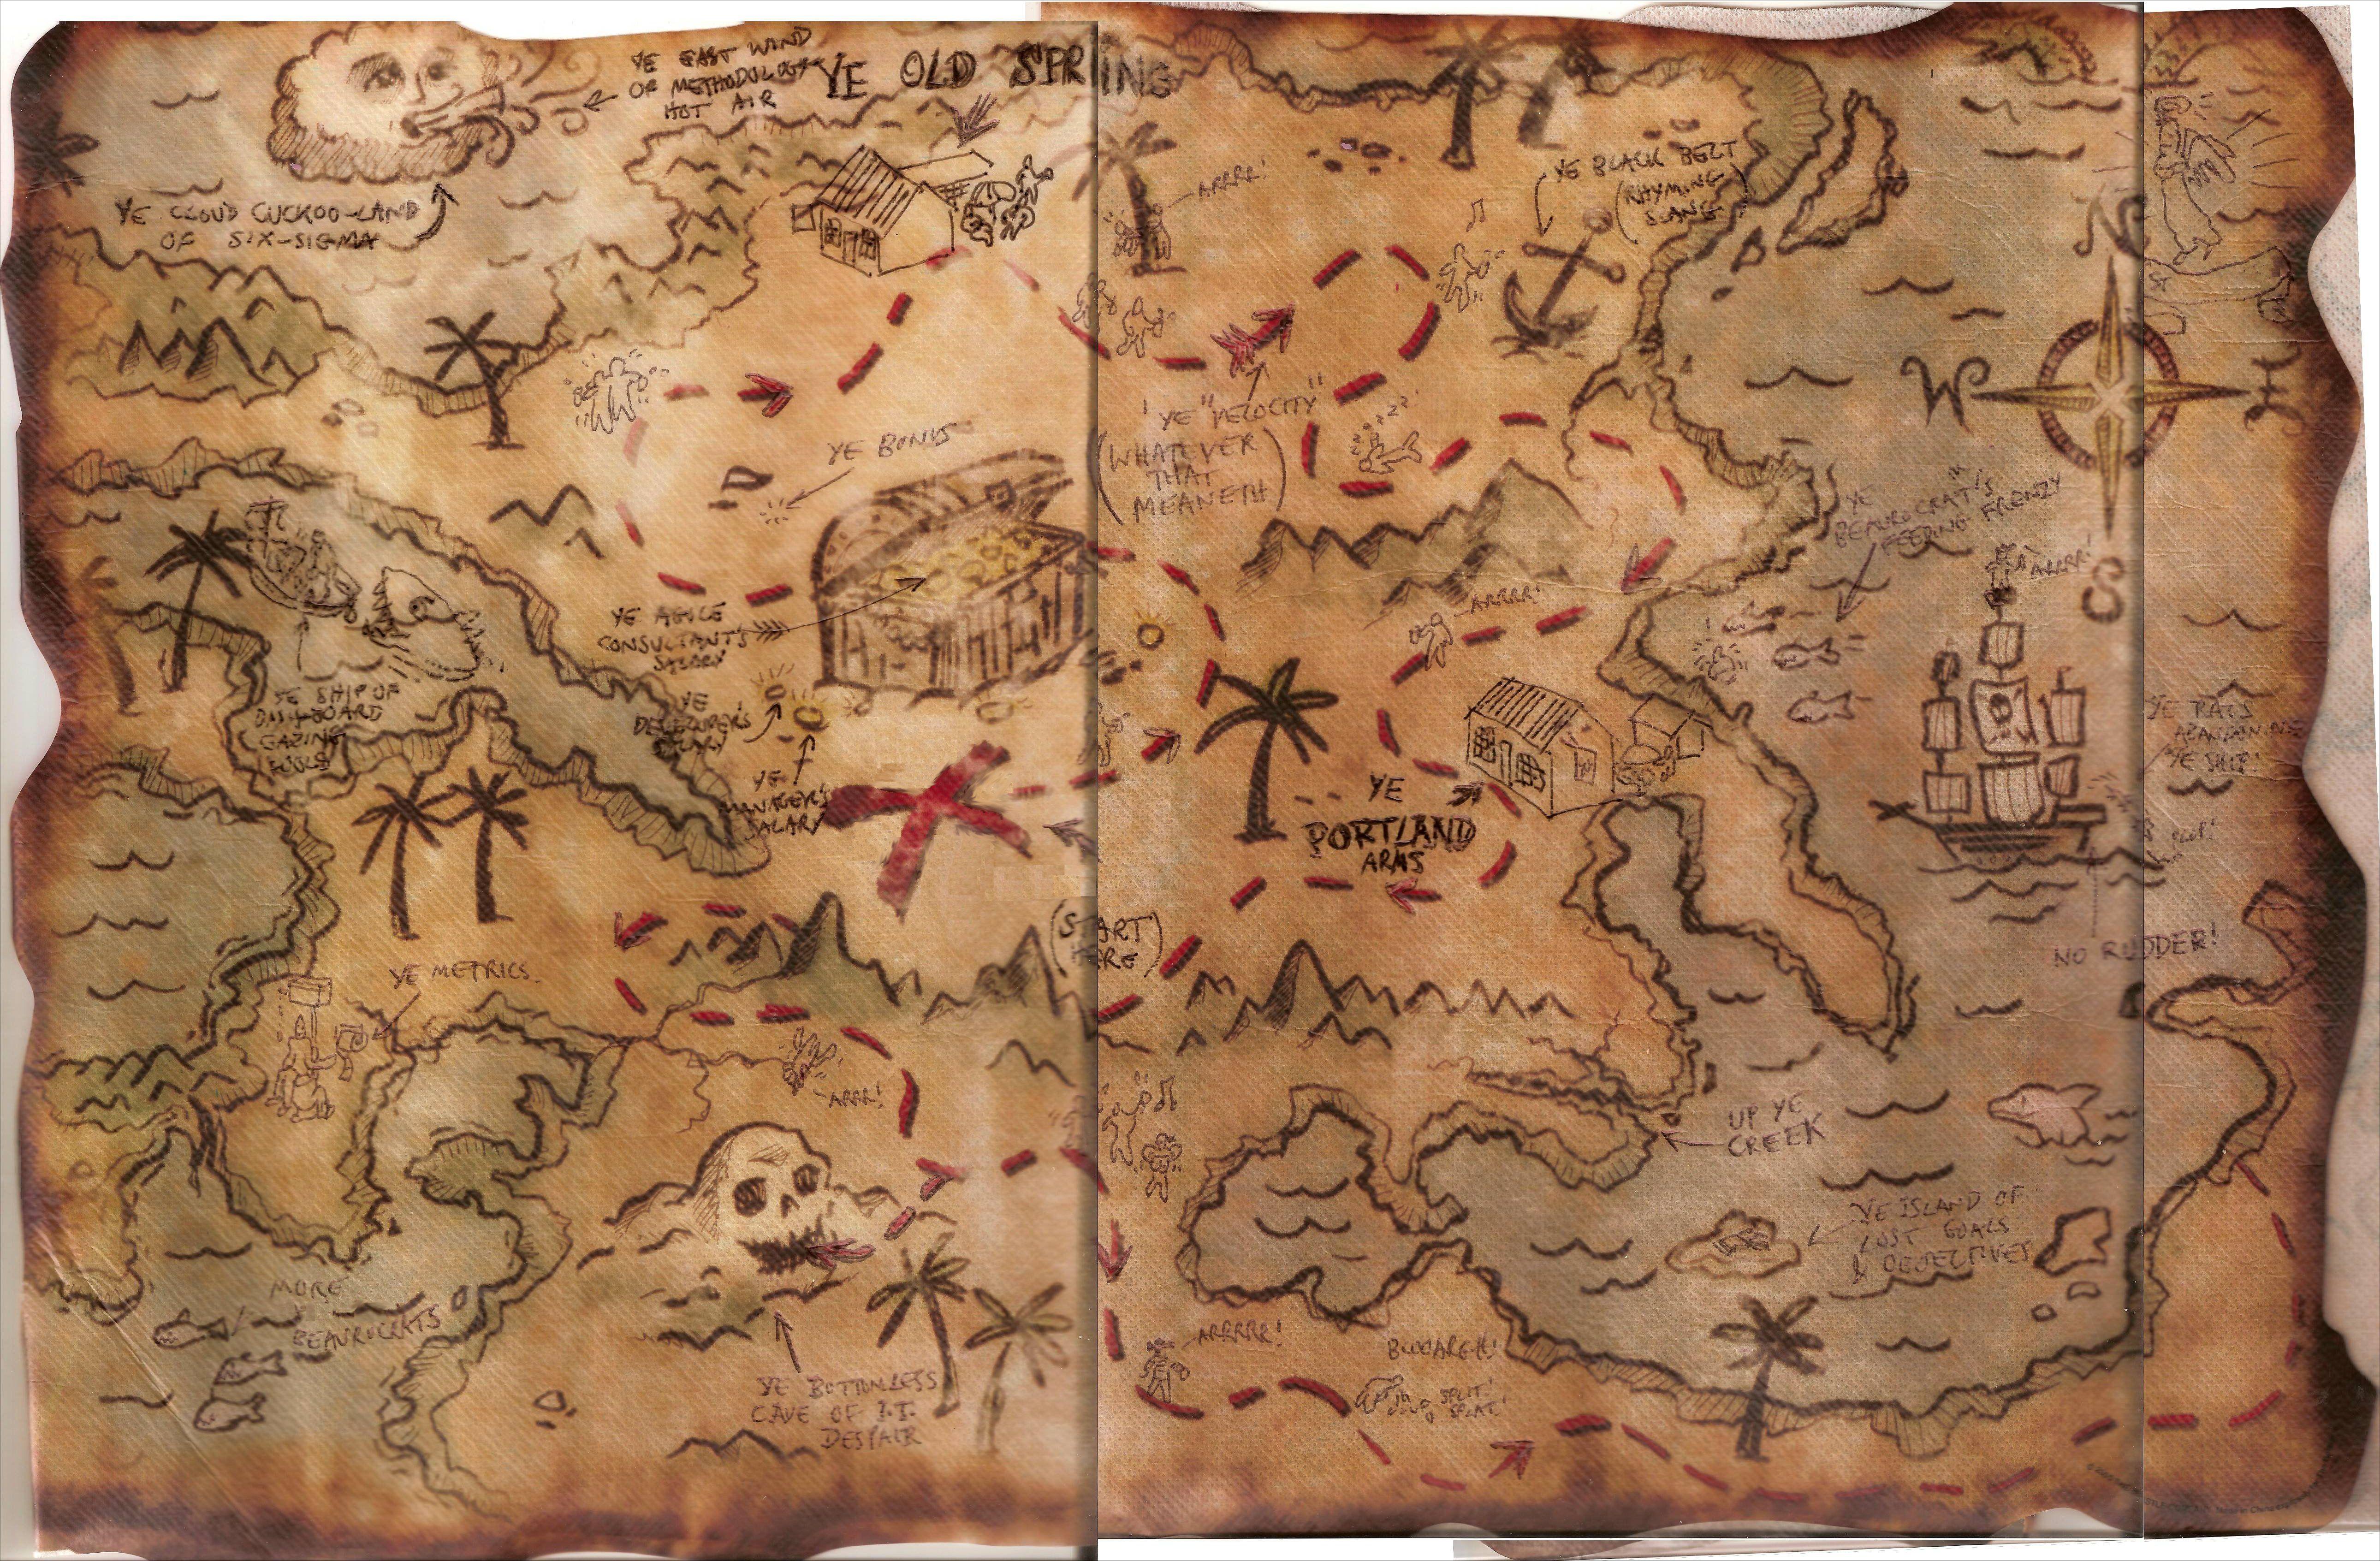 loot quests 2016 treasure hunt launch follow the clues spoils go